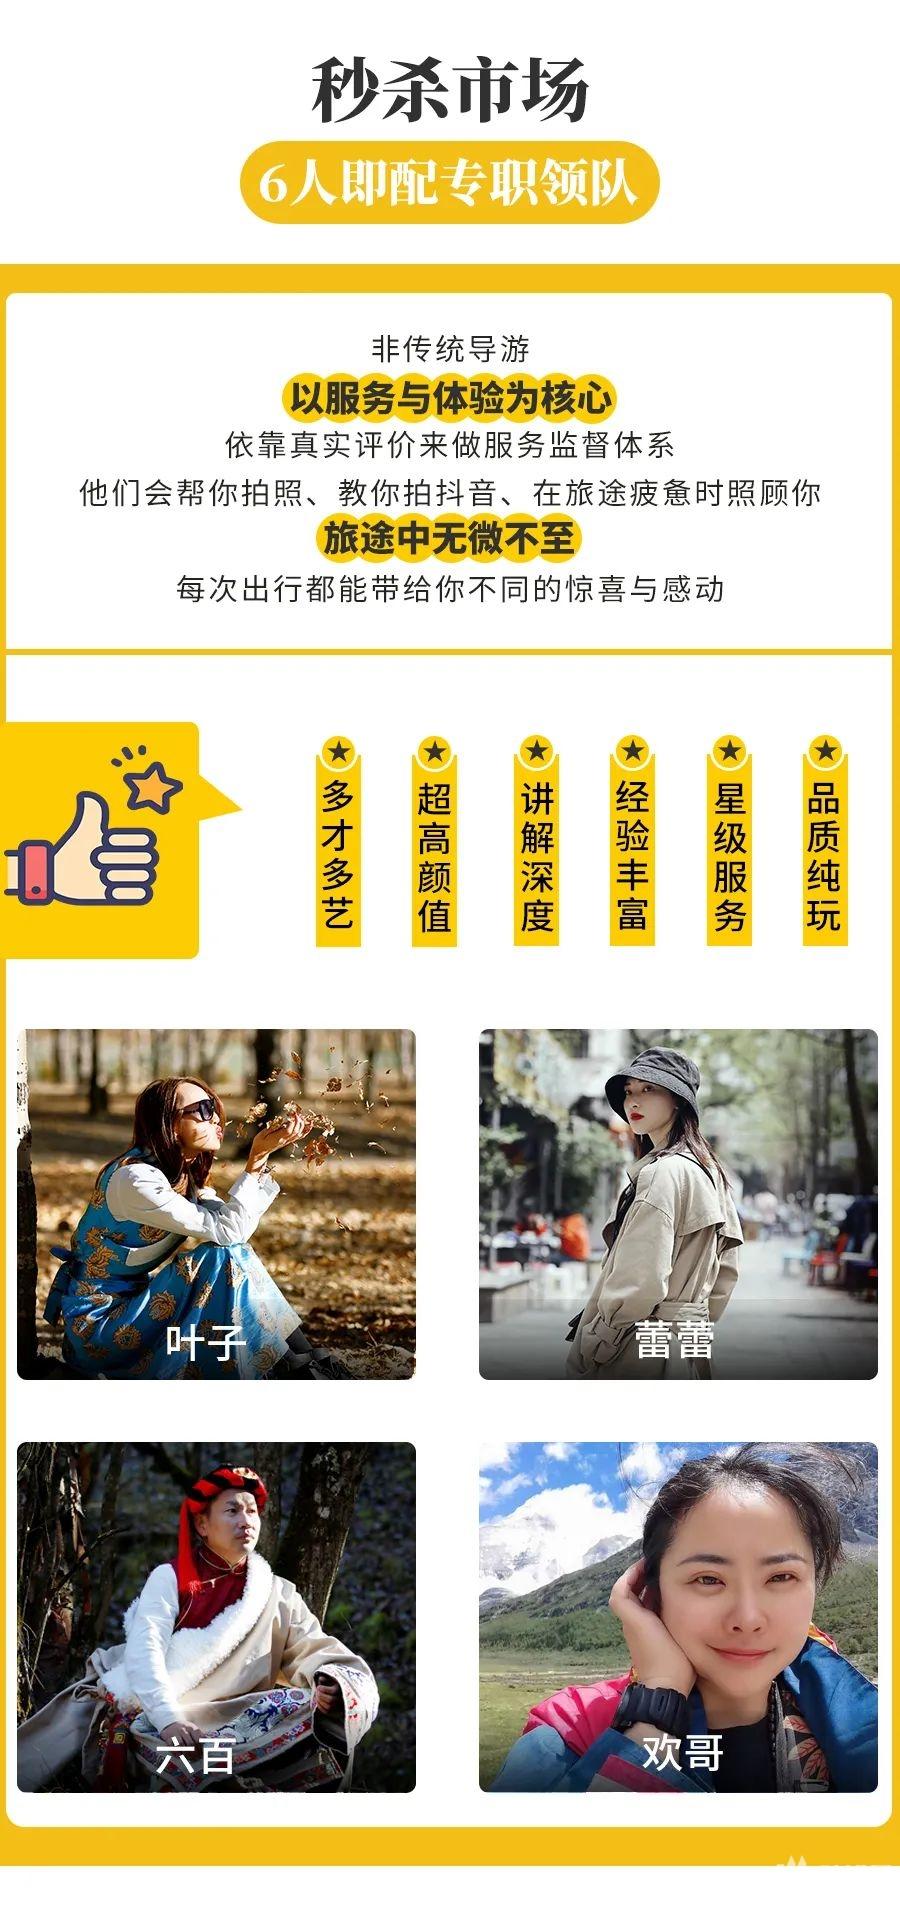 (7)【大美九寨·6日】川西北彩林盛宴 · 驻地旅拍 · 摄影师免费为您拍美片-户外活动图-驼铃网